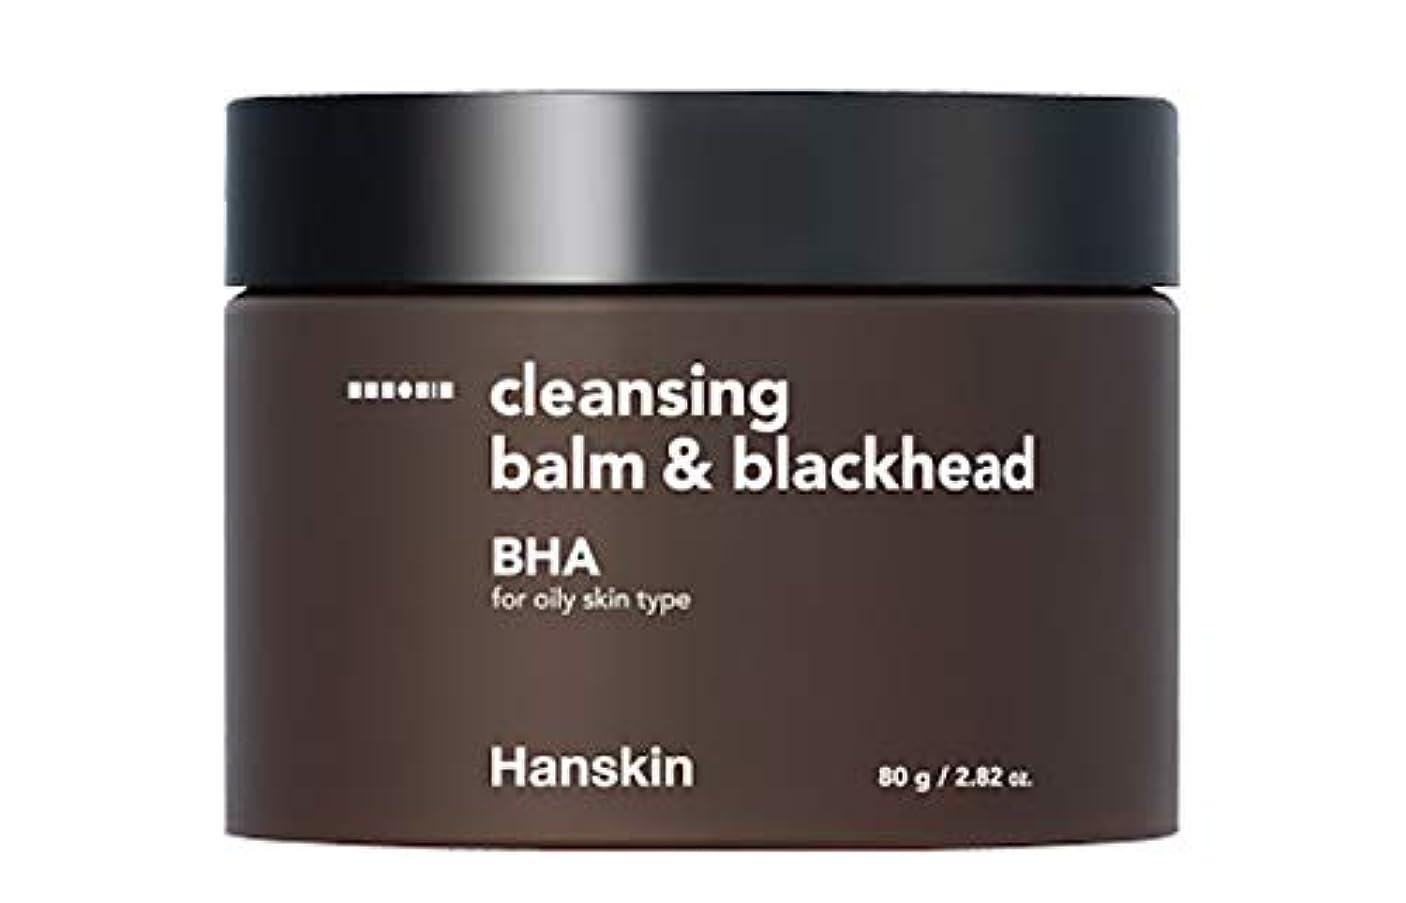 介入する致命的なの中でHANSKIN ハンスキン クレンジングバーム&ブラックヘッド BHA 80g(メイク落とし) 【正規輸入品】